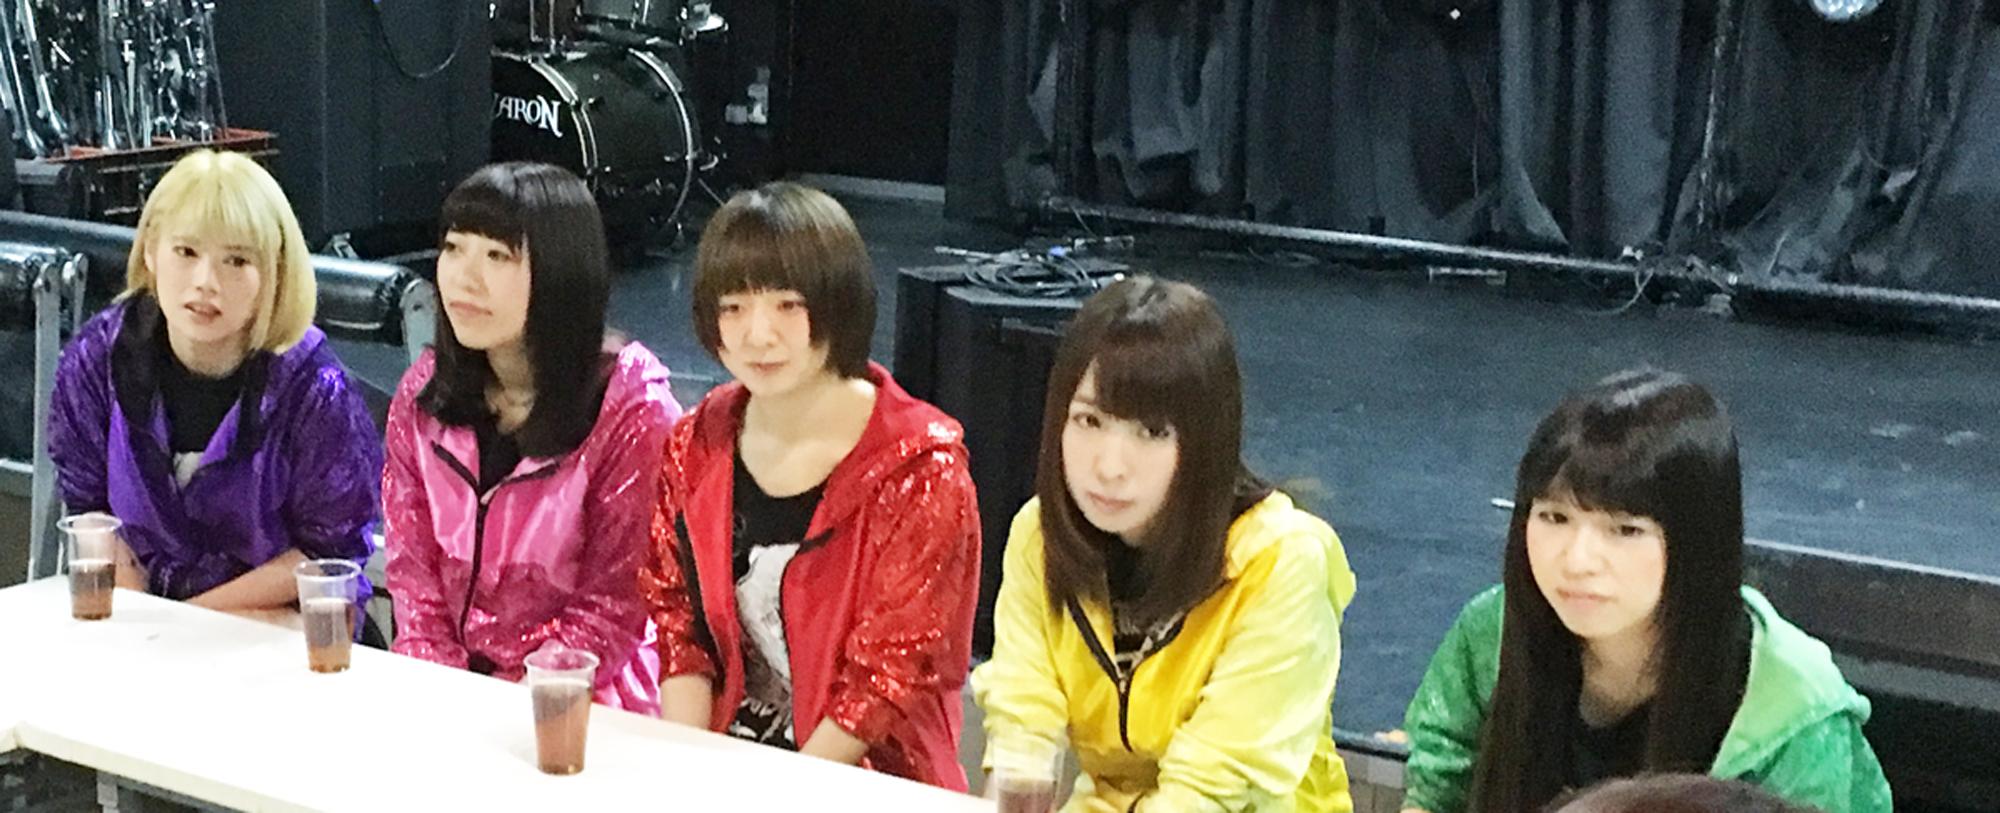 つばさFly(左から、藤井勇綺、神谷彩乃、鹿木香里、相奈まい、宮沢野乃香)